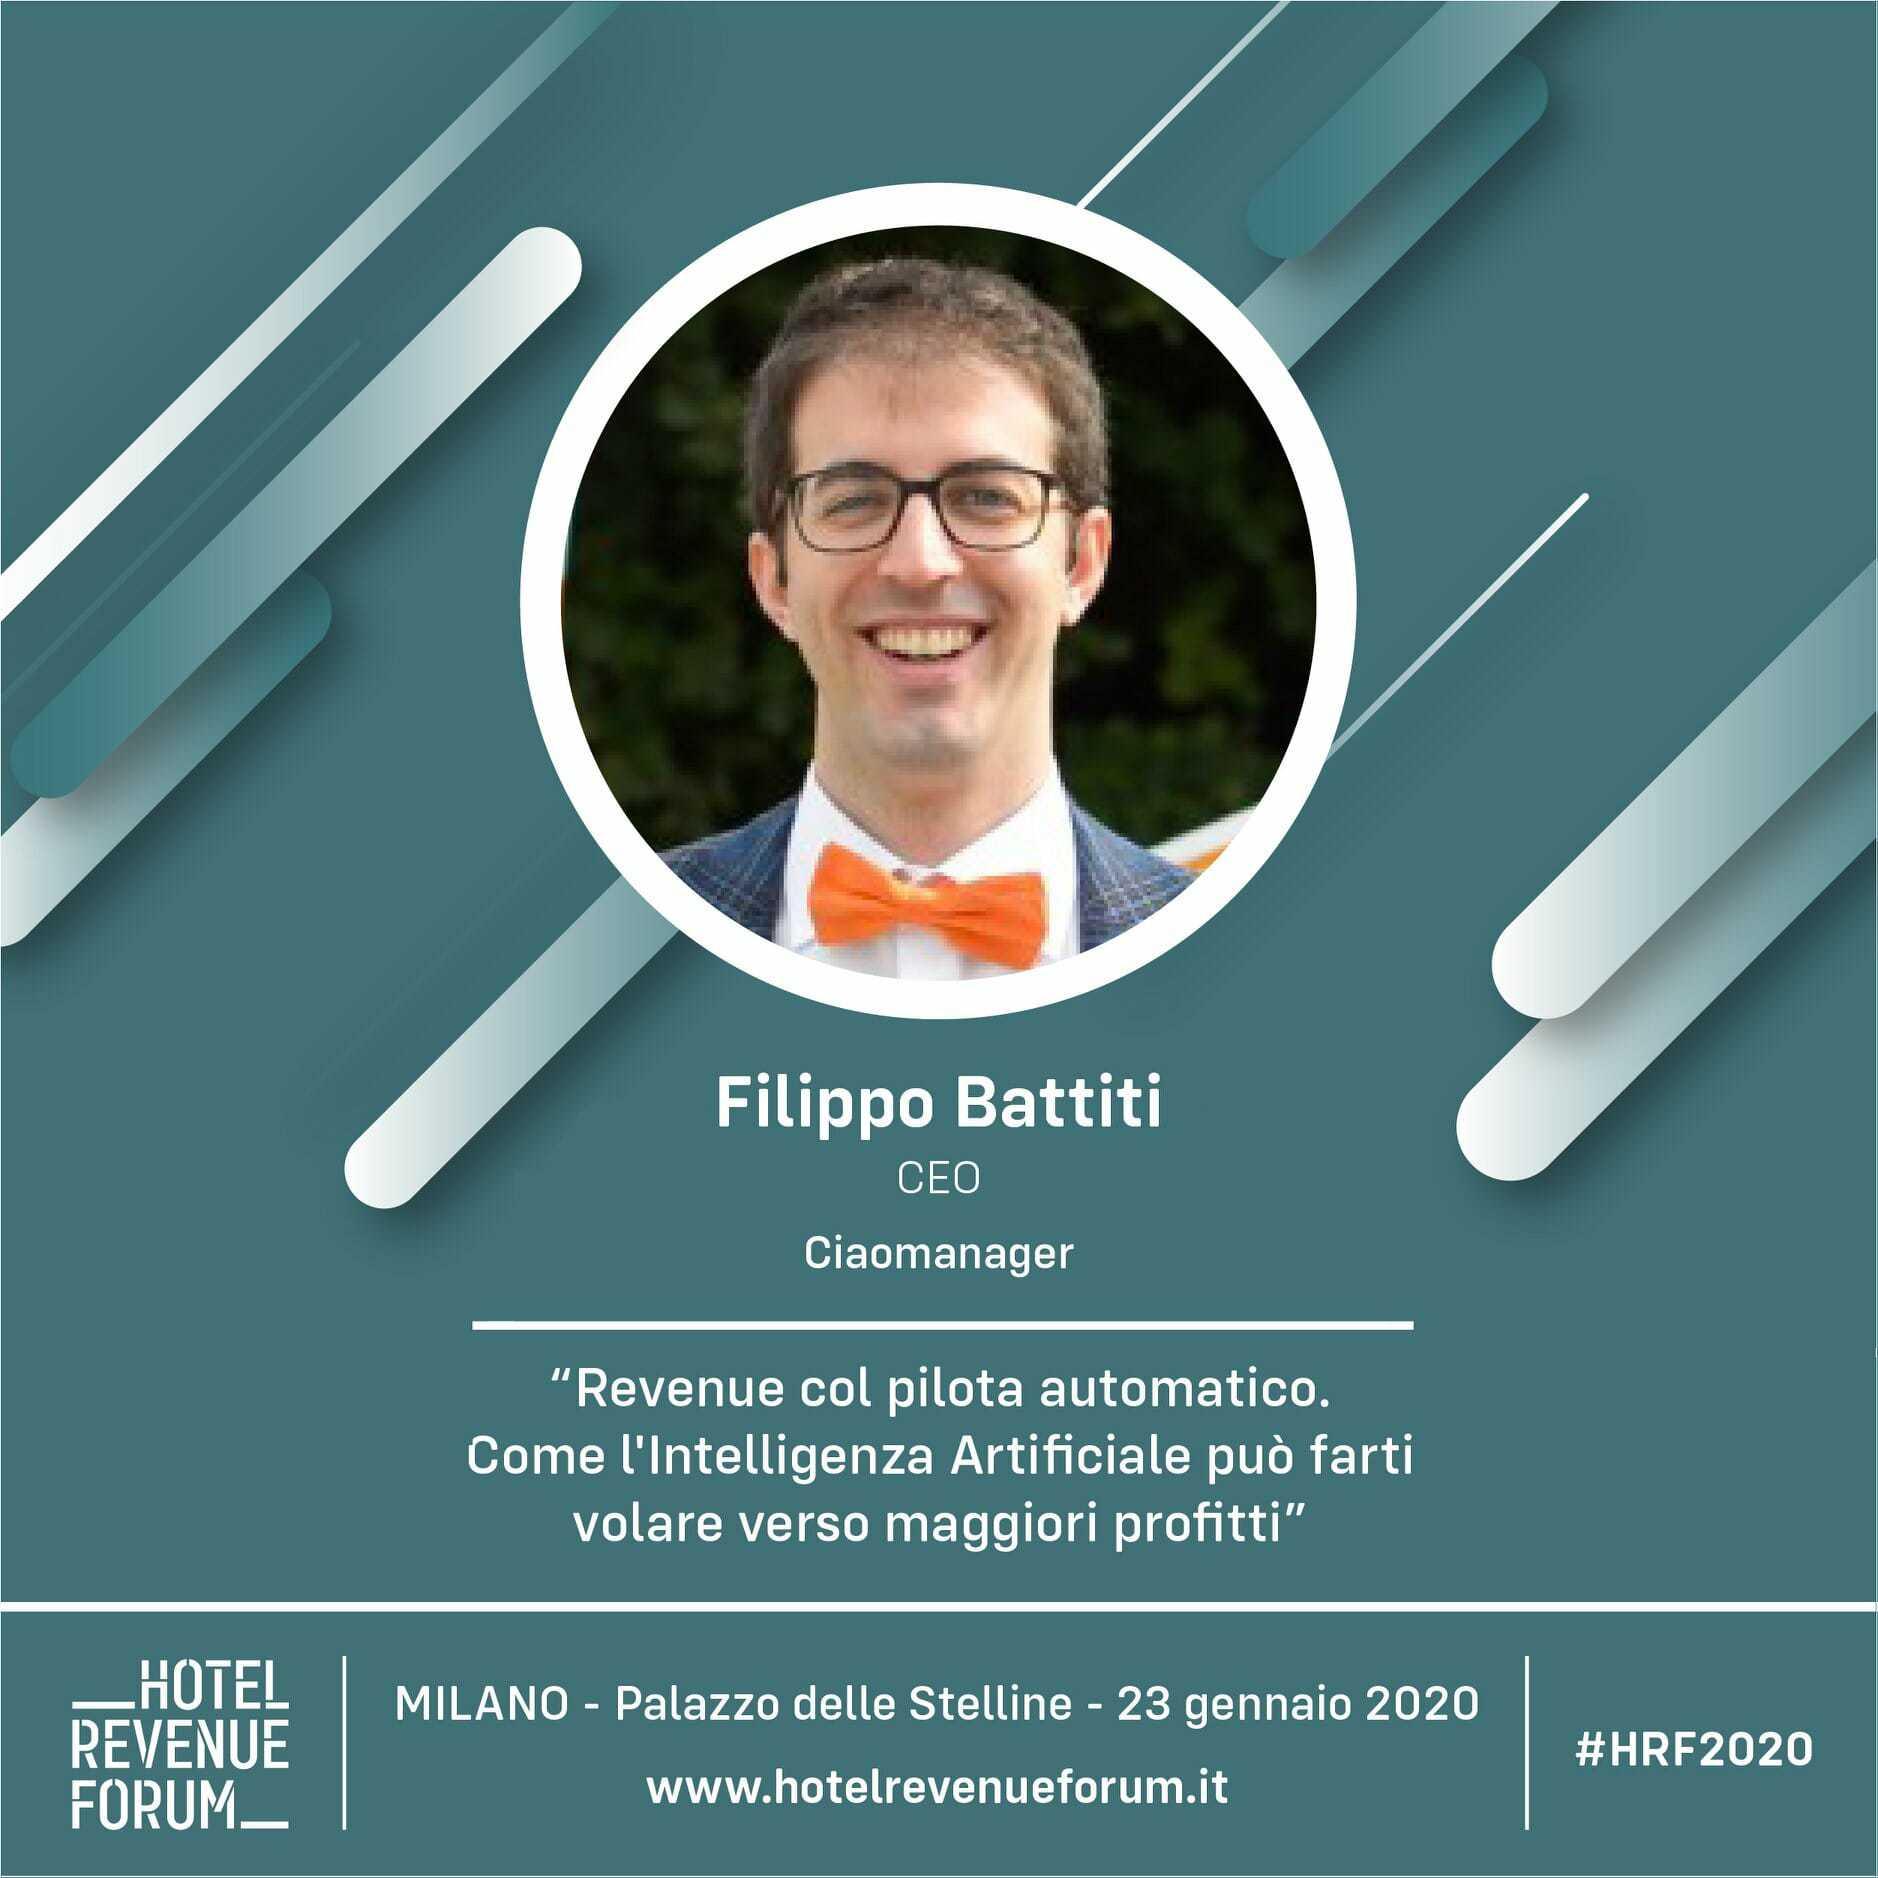 Hotel-Revenue-Forum-2020-Ciaomanager-Filippo-Battiti